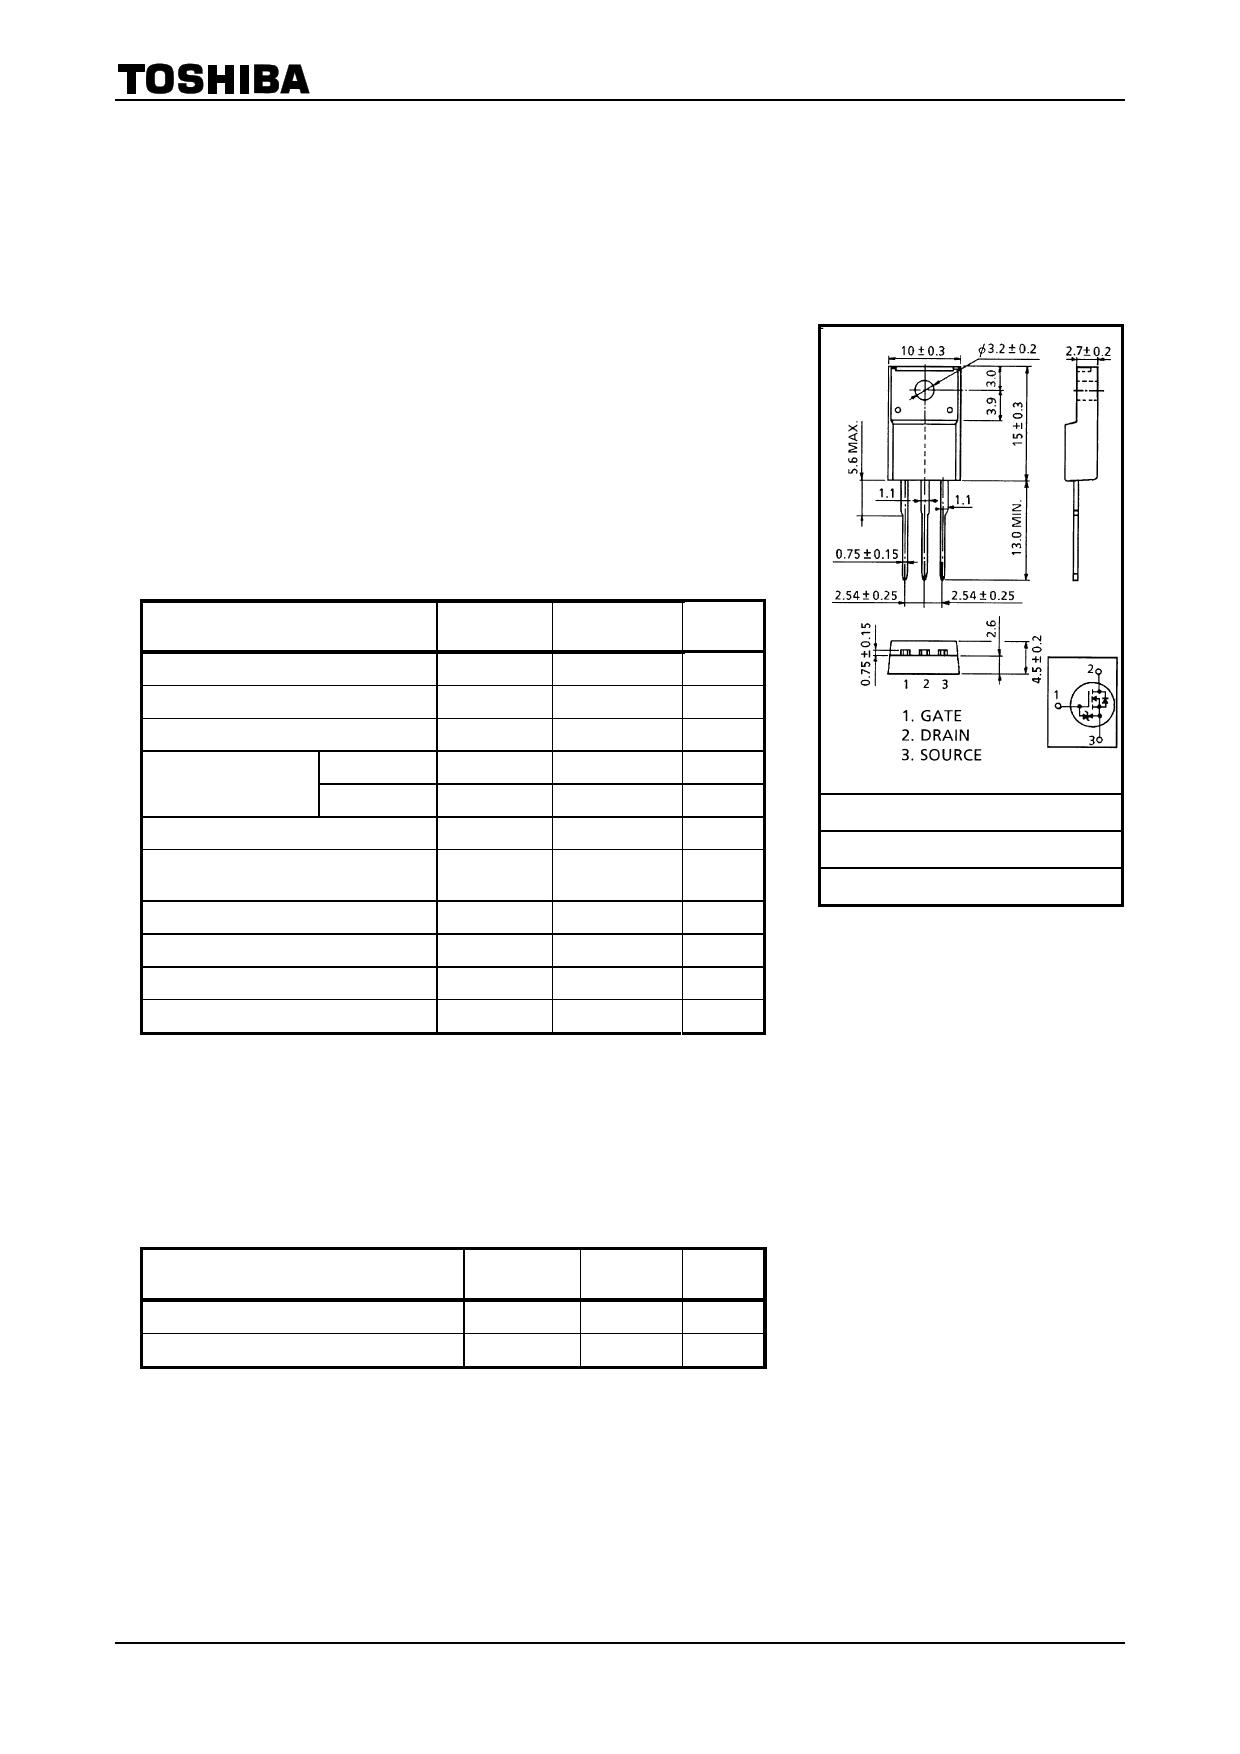 K3265 datasheet image